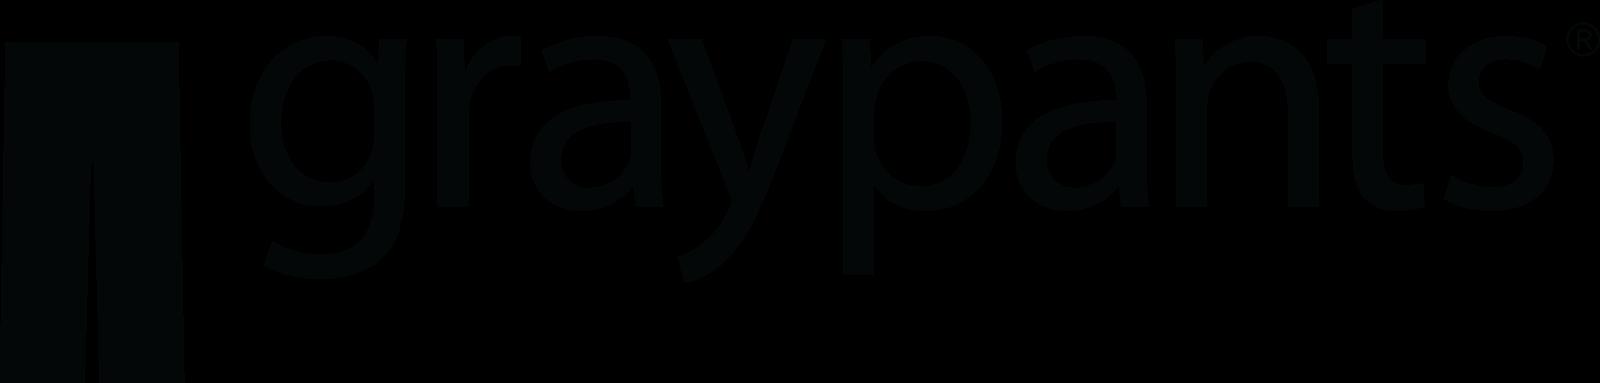 graypants-logo-black